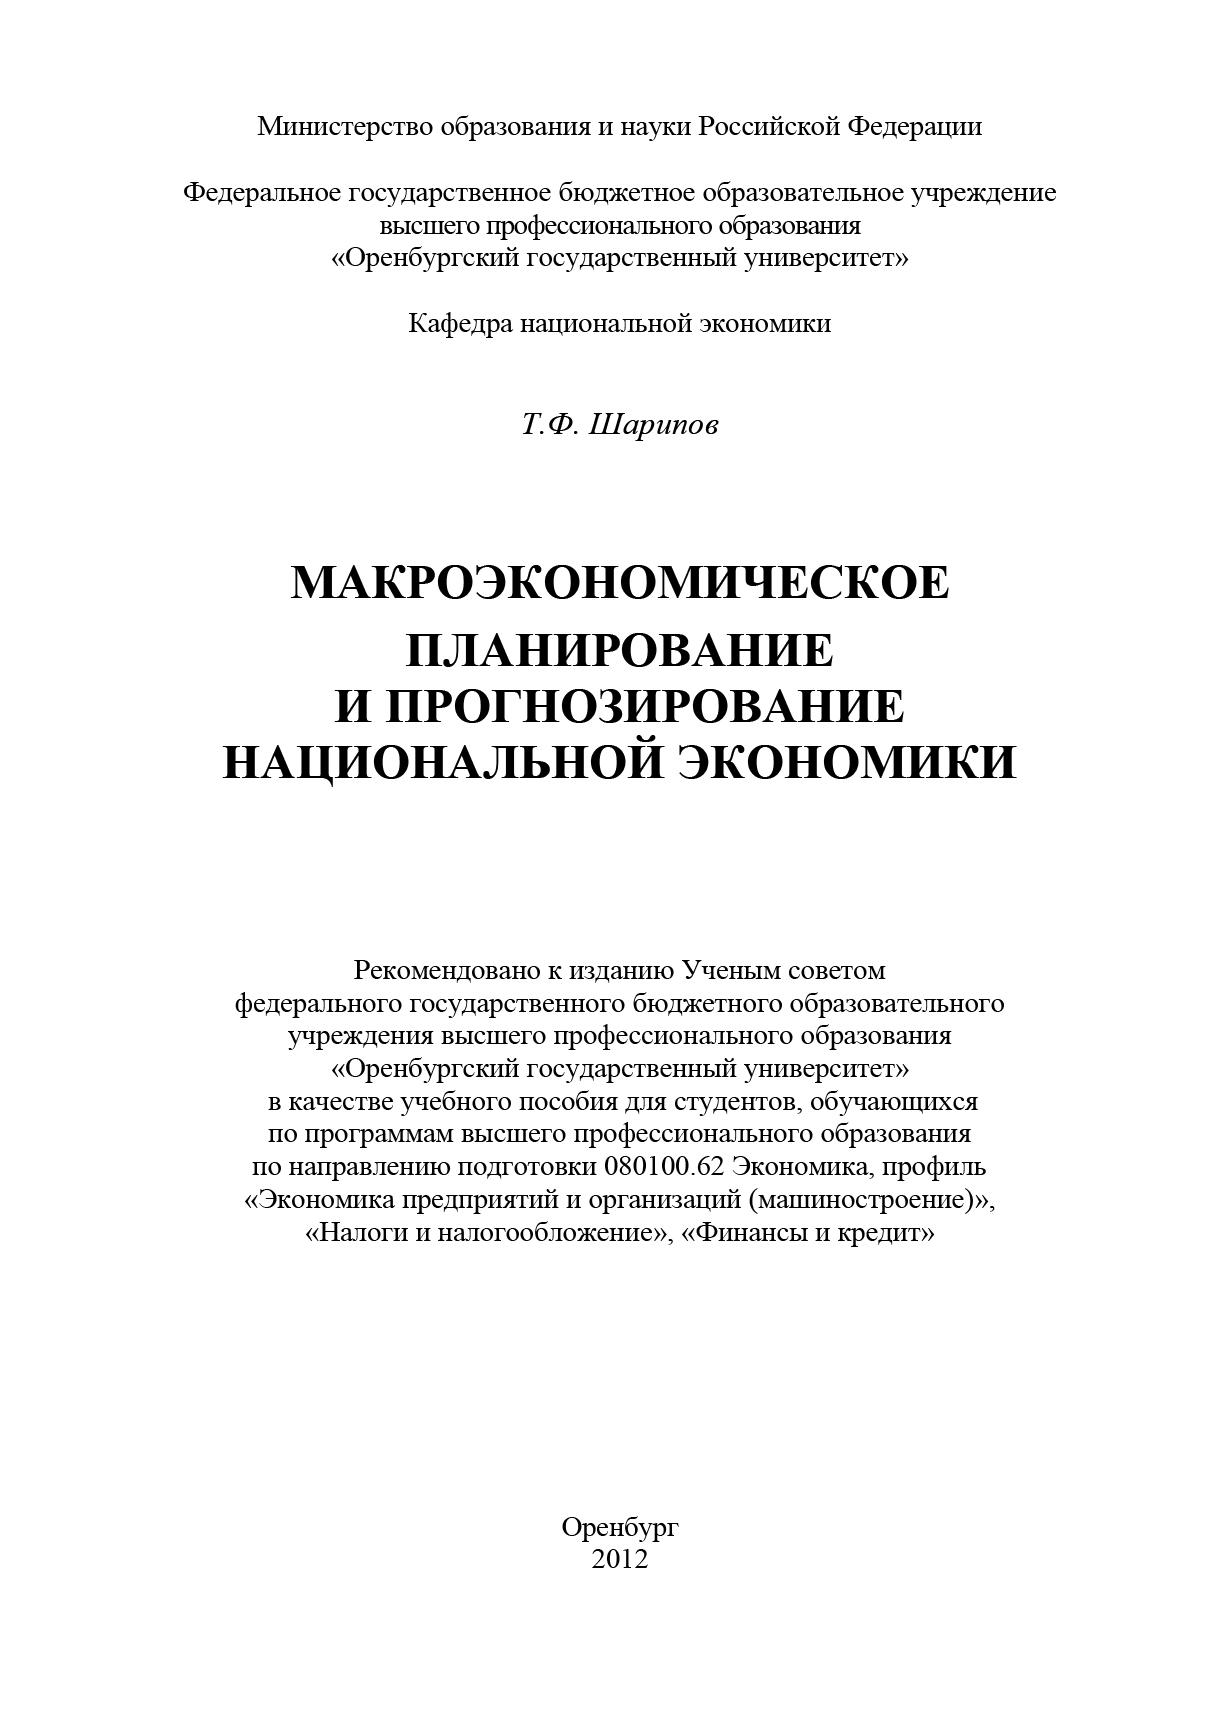 Т. Ф. Шарипов Макроэкономическое планирование и прогнозирование национальной экономики т ф шарипов макроэкономическое планирование и прогнозирование национальной экономики